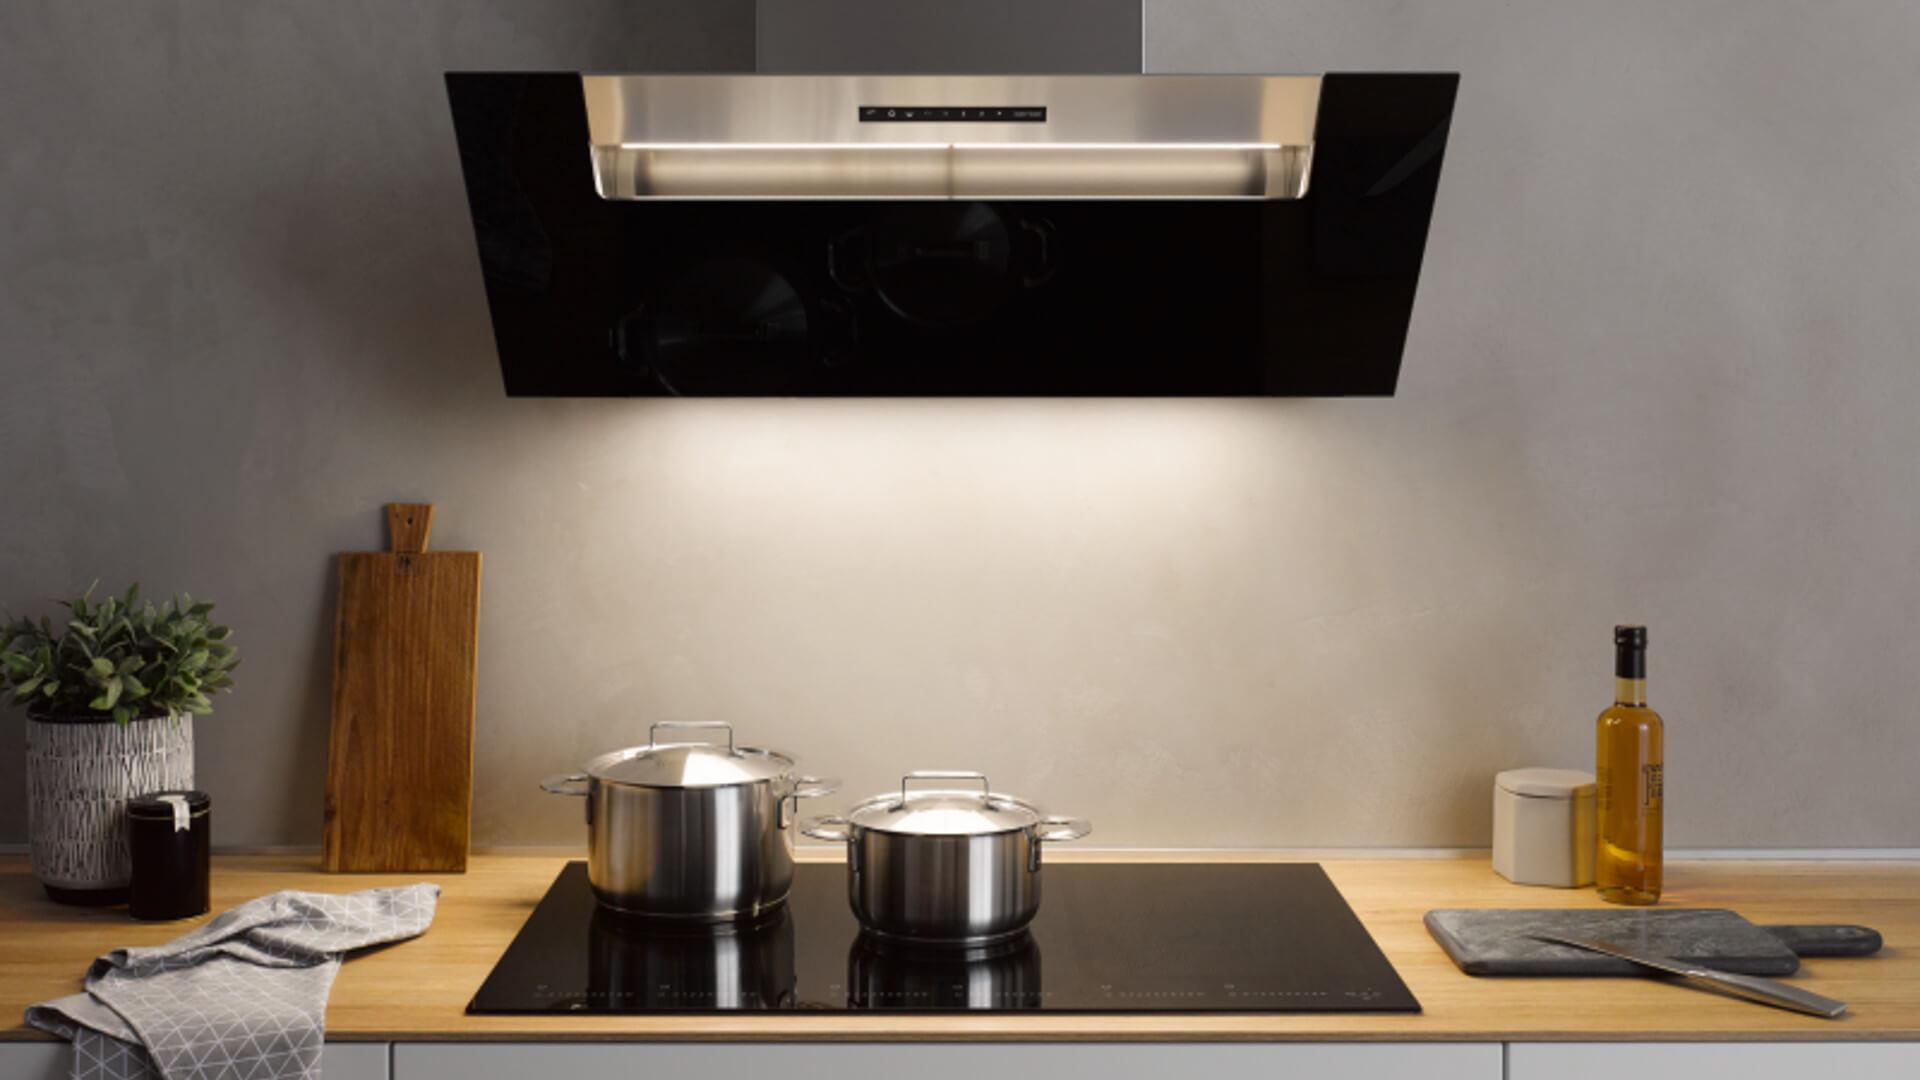 Kopffreihauben für mehr Platz in der Küche